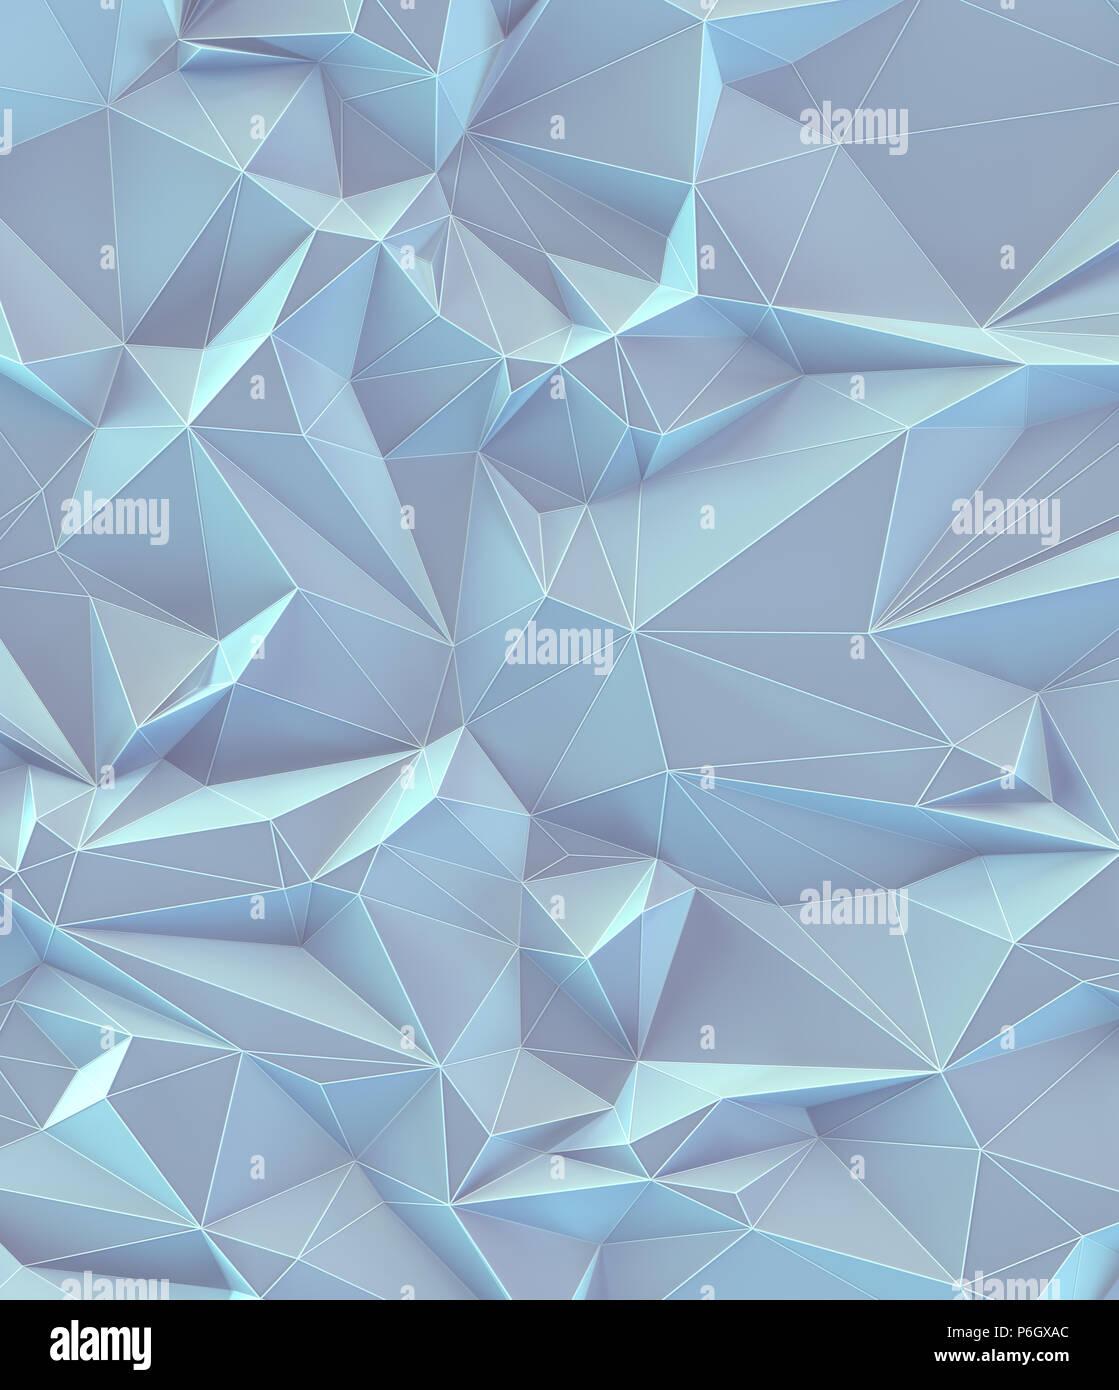 3D'illustrazione. Abstract immagine di sfondo, collegamenti in linee geometriche e di forma triangolare. Vintage colorati pastello. Immagini Stock